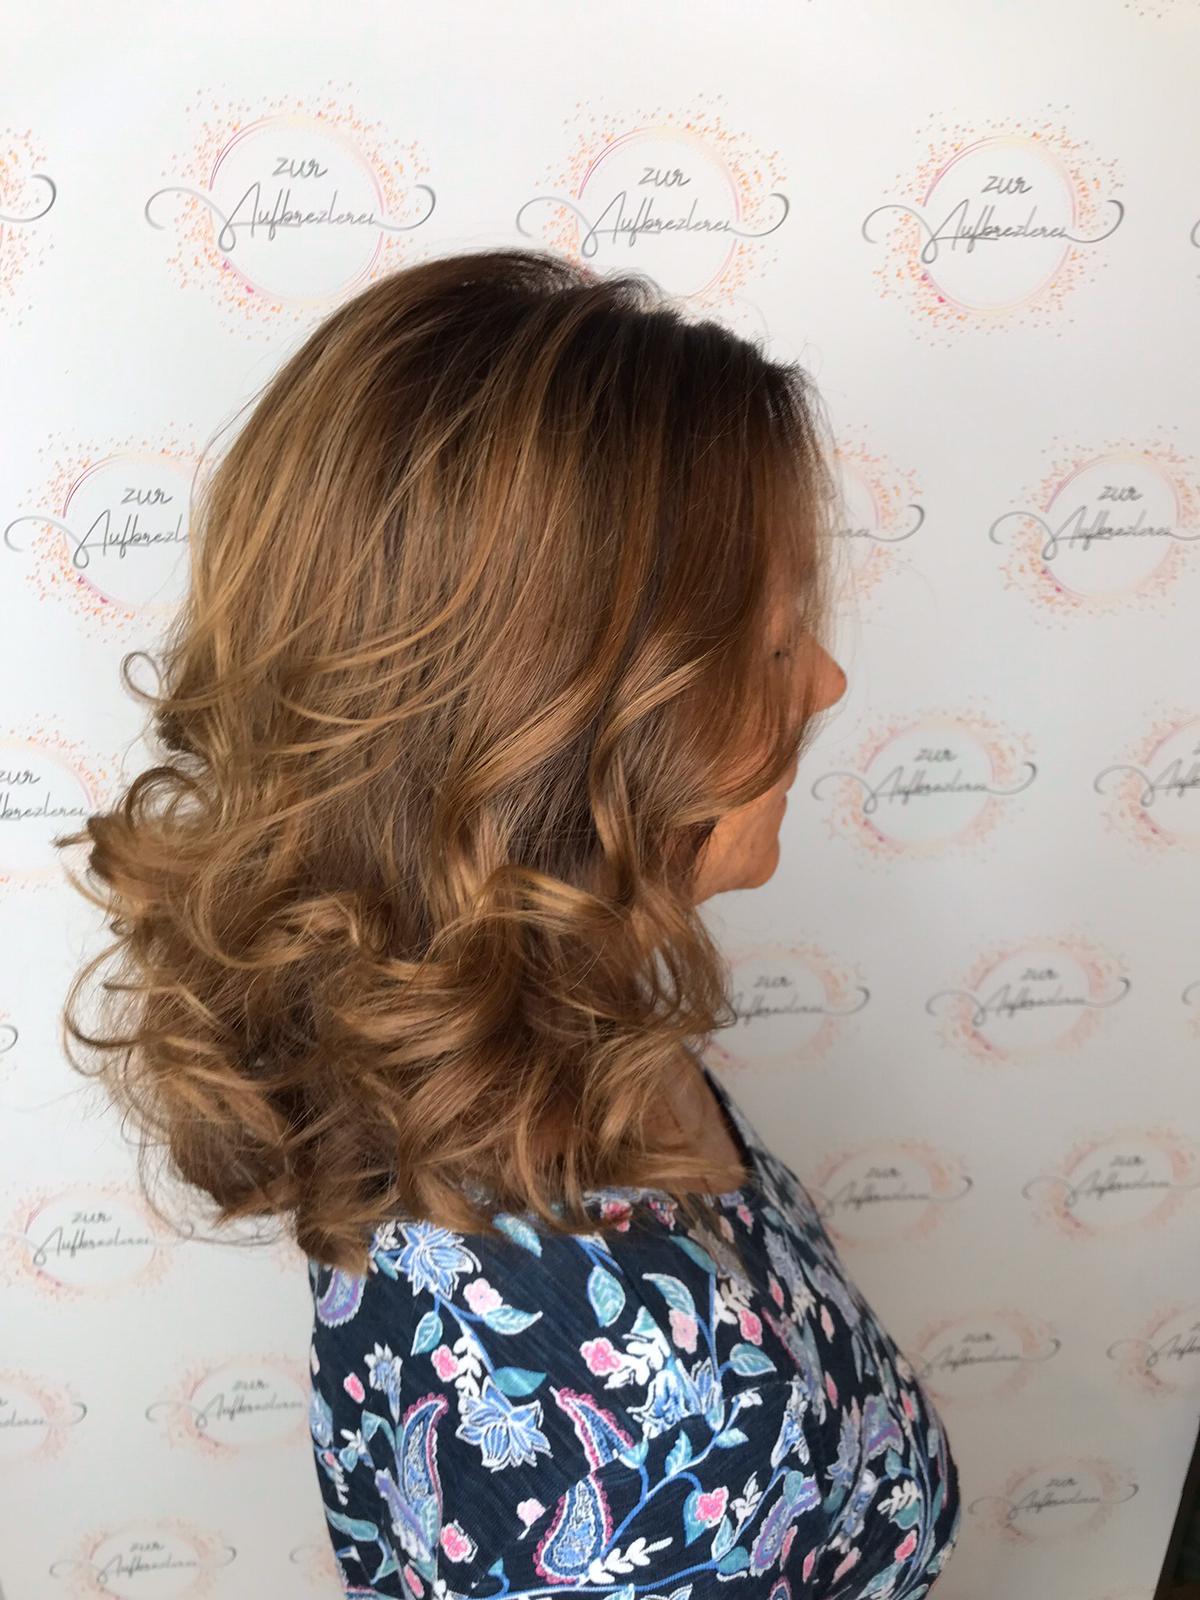 Halblanger Schnitt mit viel natürlichem Volumen im Haar generiert